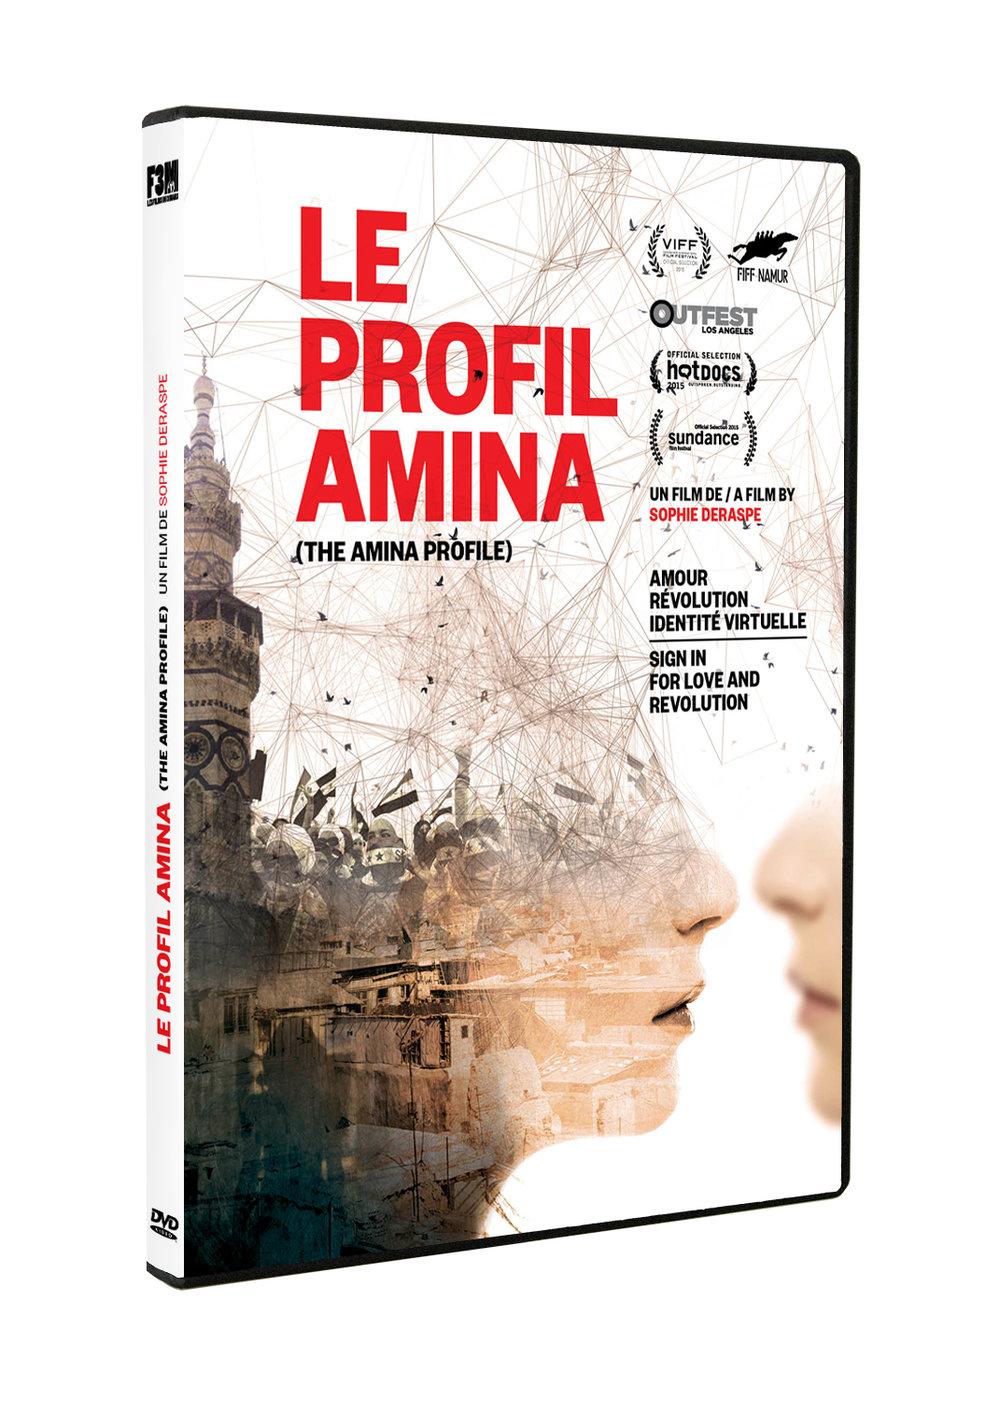 Amina_DVD_Boitier_3D.jpg